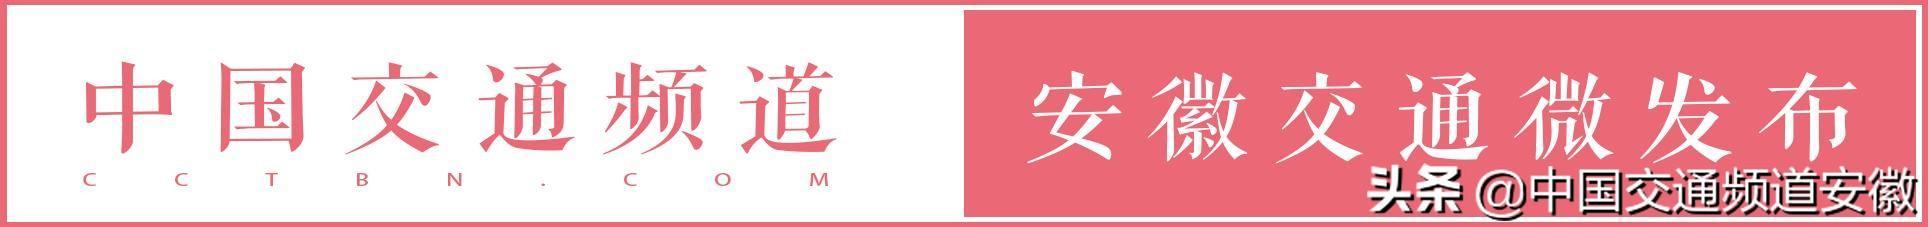 安徽省公安厅交警总队通报!车均交通违法行为较多运输企业名单